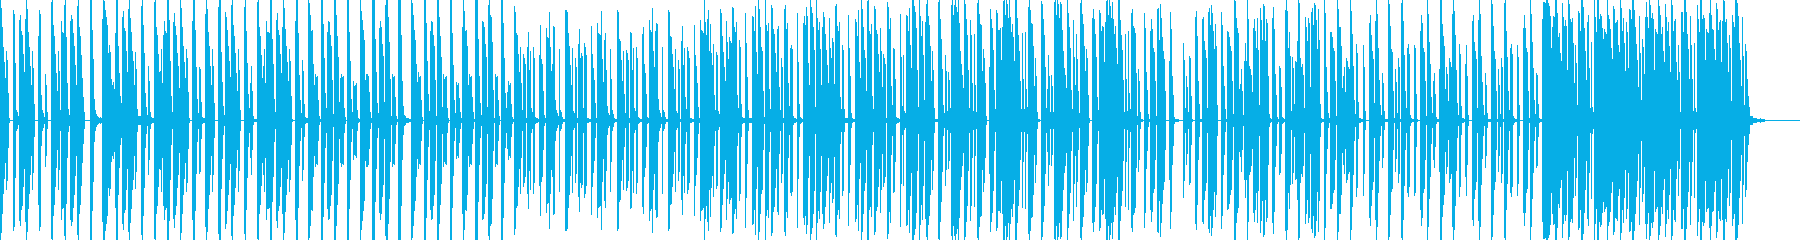 ローテンポ/重低音/EDM/BGMの再生済みの波形